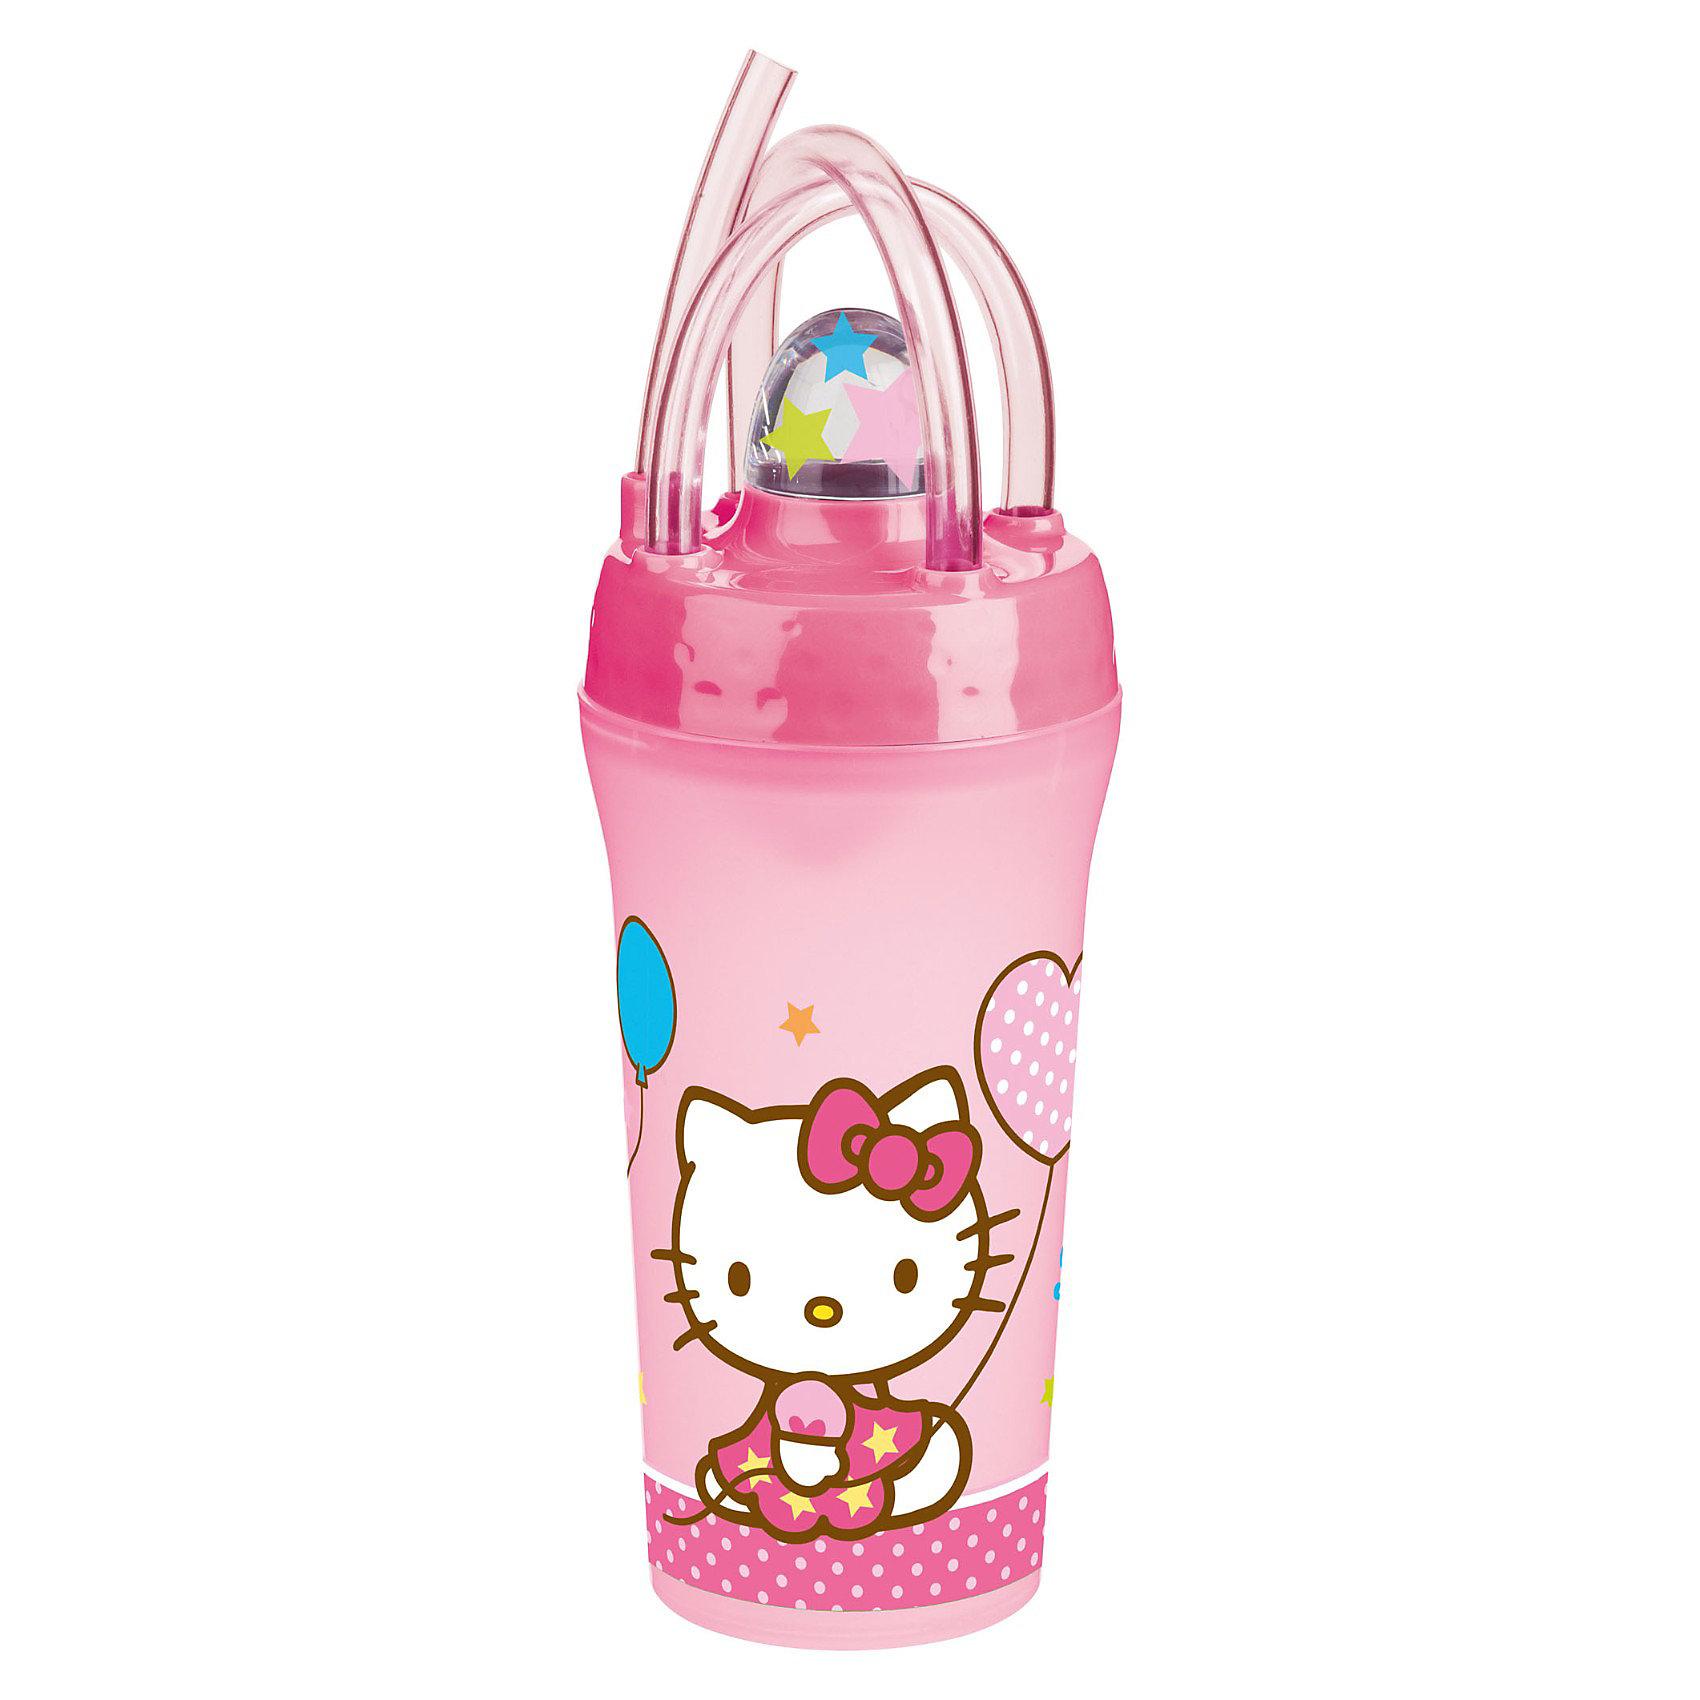 Стакан с крышкой и соломинкой (300 мл), Hello KittyСтакан с крышкой и соломинкой Hello Kitty (Хэллоу Китти) порадует всех юных любительниц популярной белой кошечки. Стакан выполнен из безопасного пищевого пластика, имеет стильный дизайн и украшен изображением симпатичной кошечки Hello Kitty. Наличие соломинки и крышки делает его особенно удобным для использования ребенком.<br><br>Дополнительная информация:<br><br>- Материал: пищевой пластик.<br>- объем: 300 мл.<br>- Размер: 18 х 9,5 х 33 см.<br>- Вес: 50 гр.<br><br>Стакан с крышкой и соломинкой (300 мл), Hello Kitty можно купить в нашем интернет-магазине.<br><br>Ширина мм: 180<br>Глубина мм: 75<br>Высота мм: 95<br>Вес г: 50<br>Возраст от месяцев: 36<br>Возраст до месяцев: 120<br>Пол: Женский<br>Возраст: Детский<br>SKU: 3681246